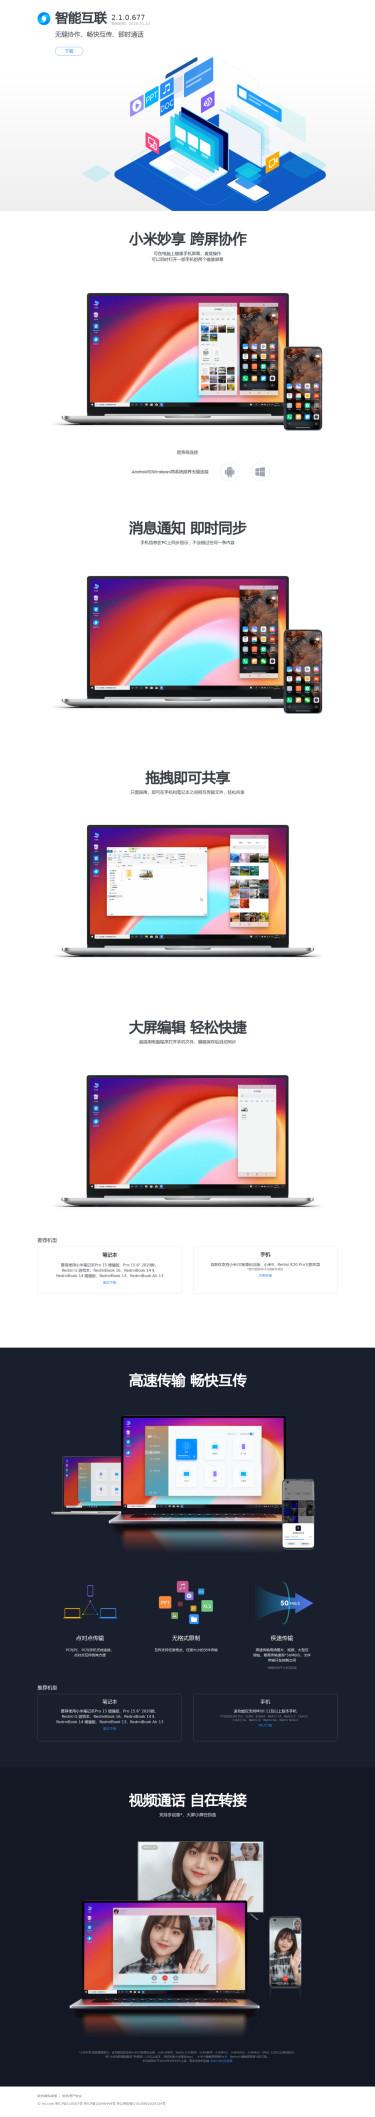 小米妙享 - 跨屏协作、智能互联、小米互传官方网站